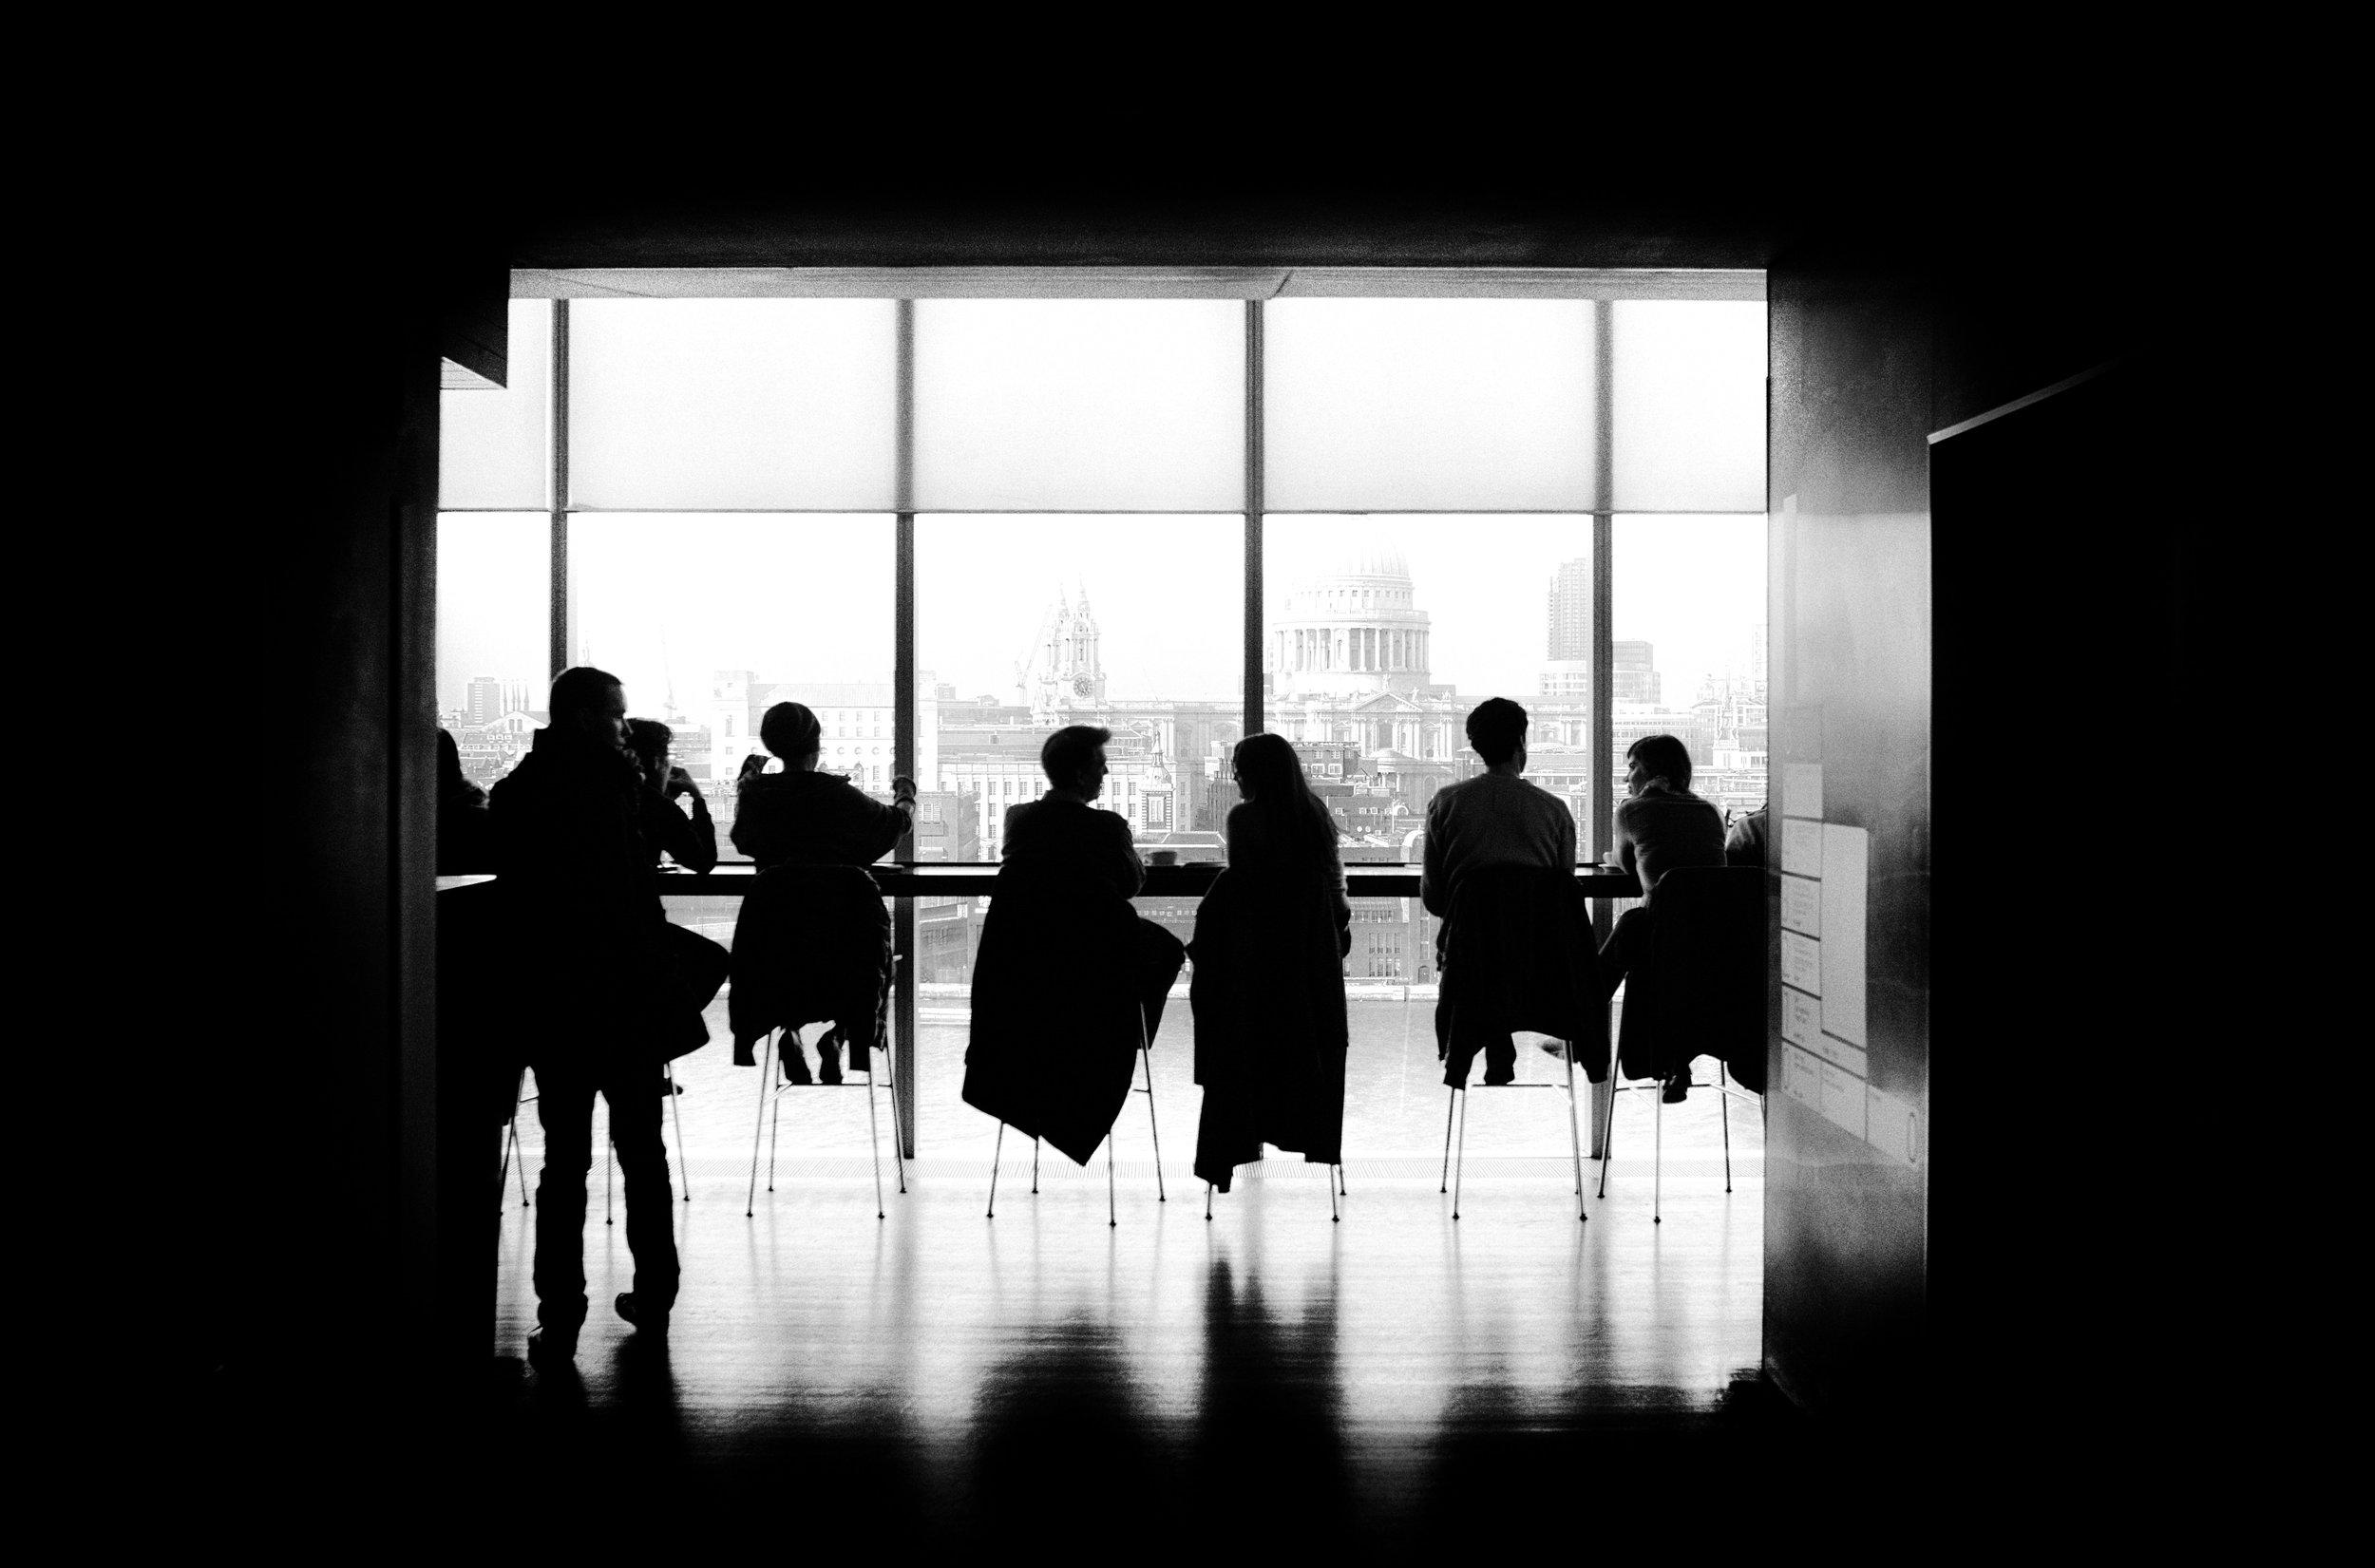 samuel-zeller-business meeting.jpg